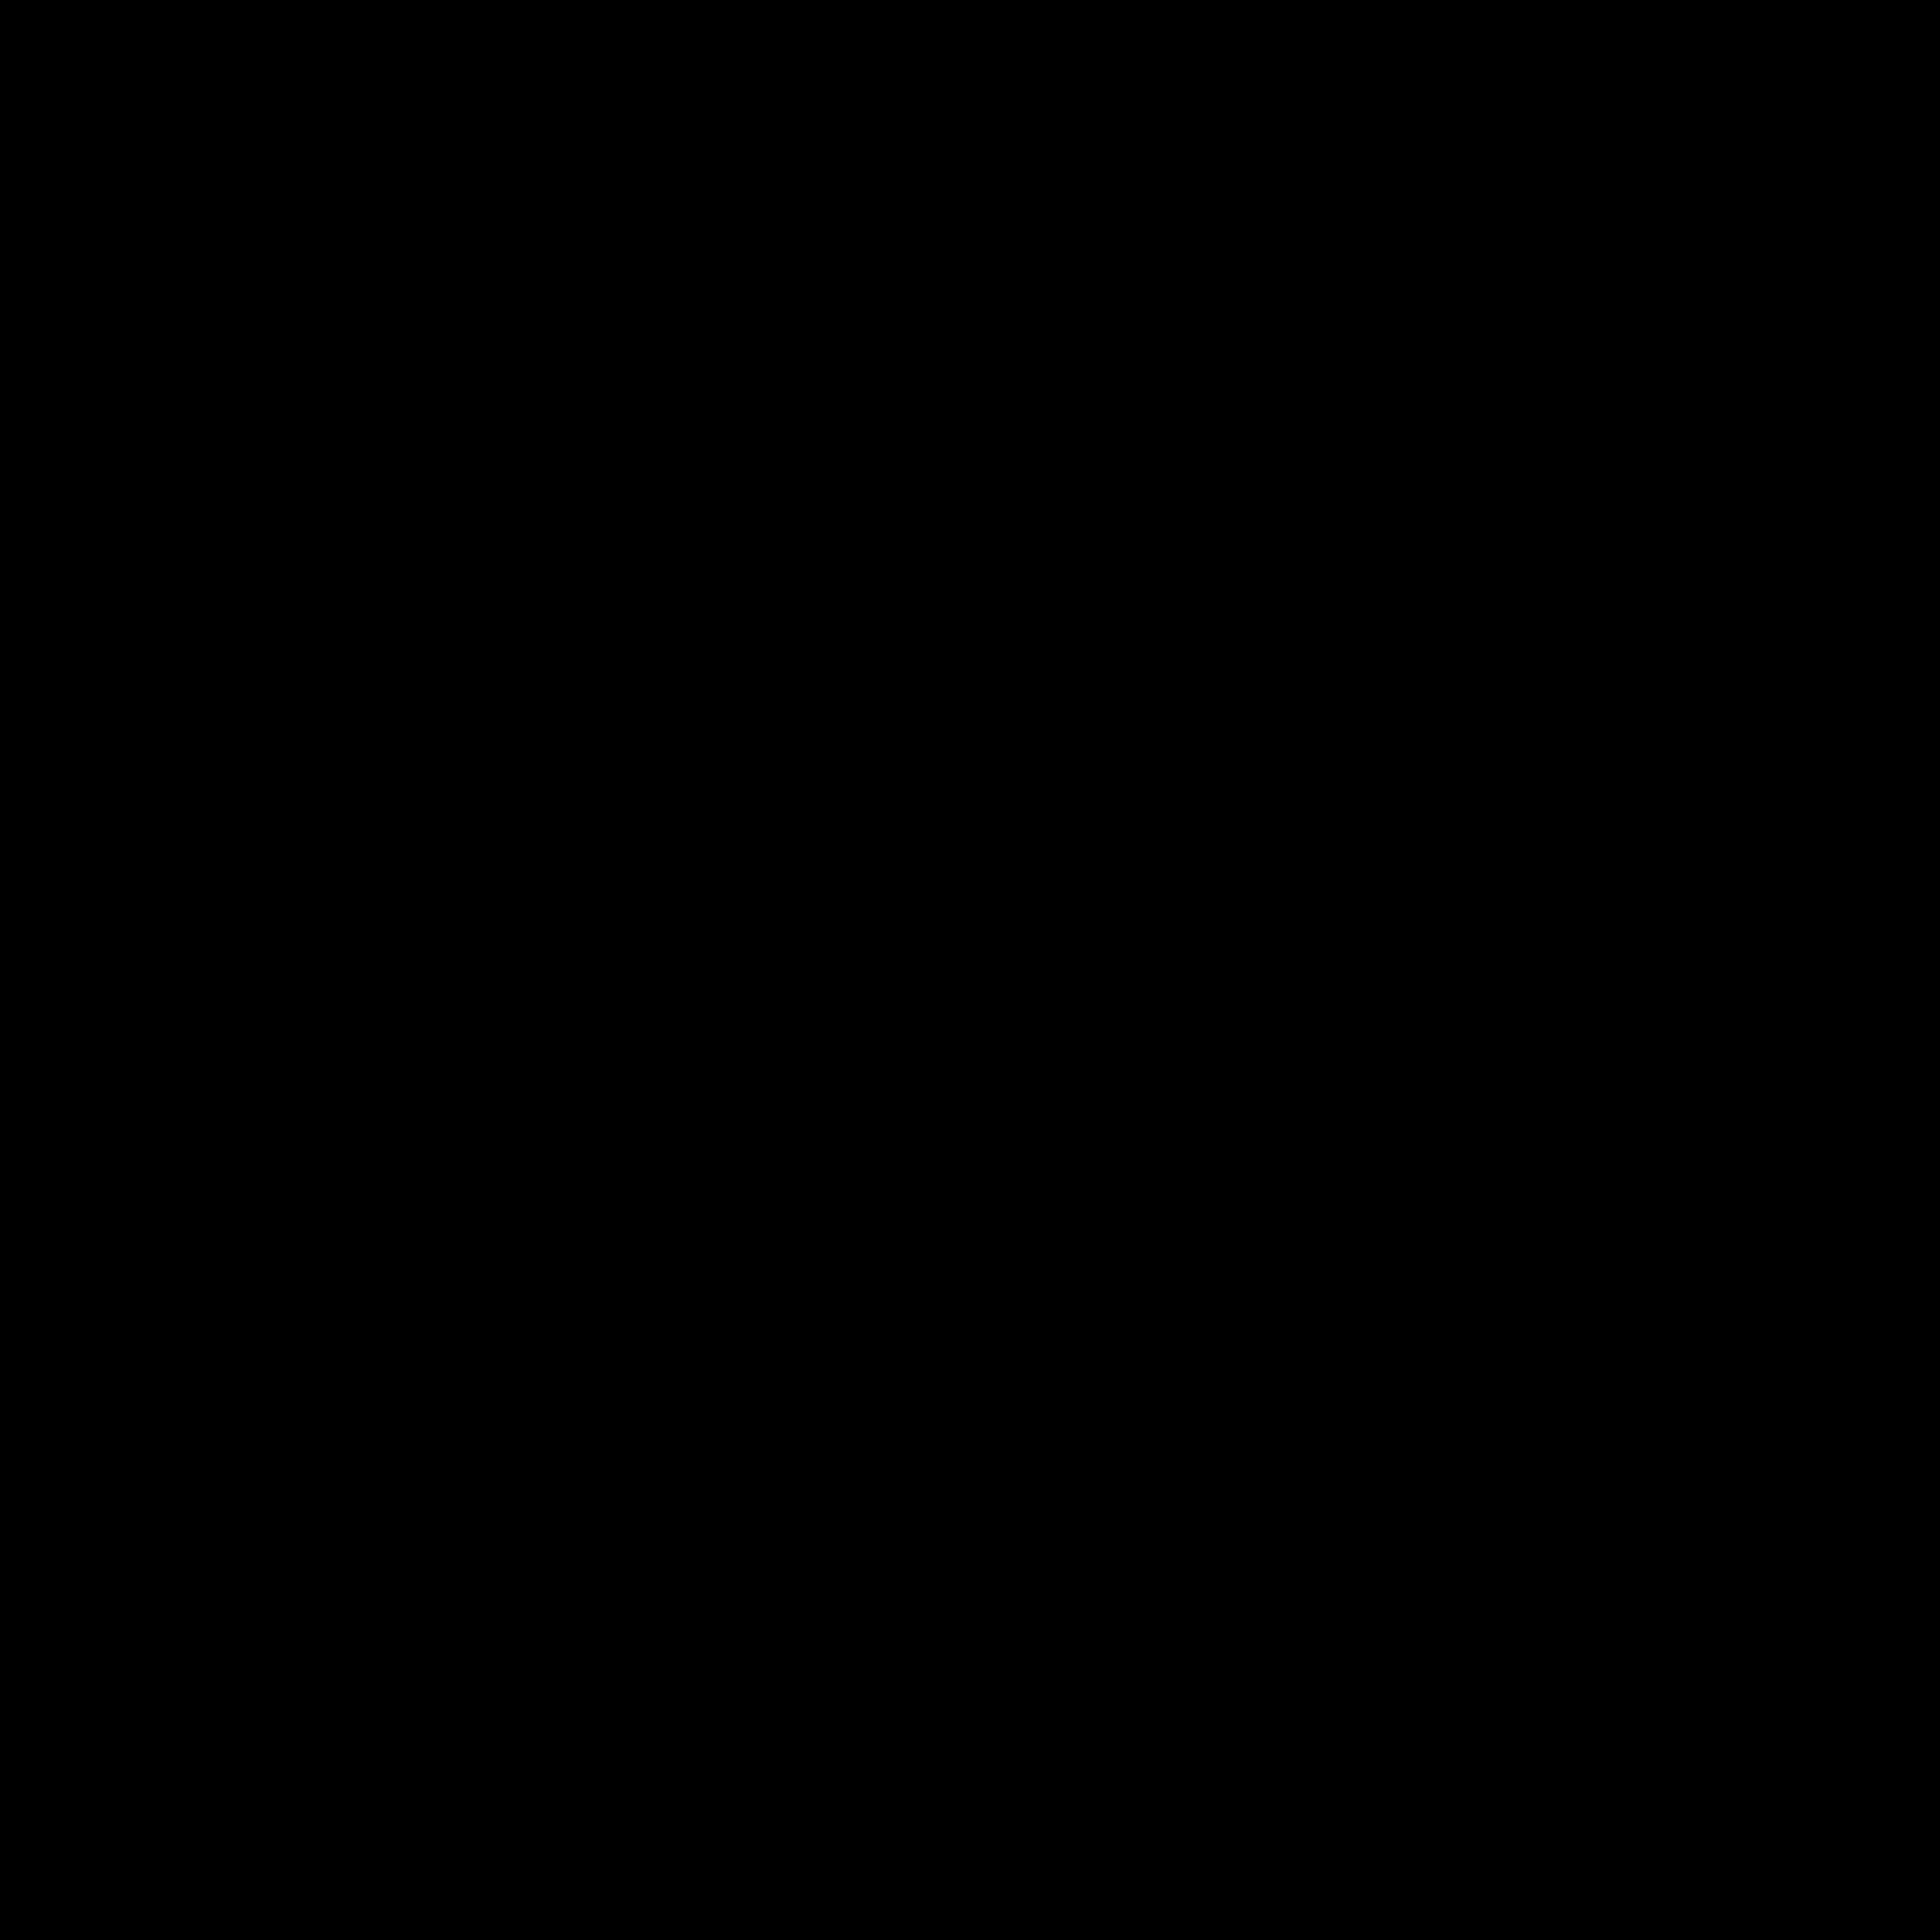 http://infooffensive.de/wp-content/uploads/Fuer-unsere-Stadtbahn.png